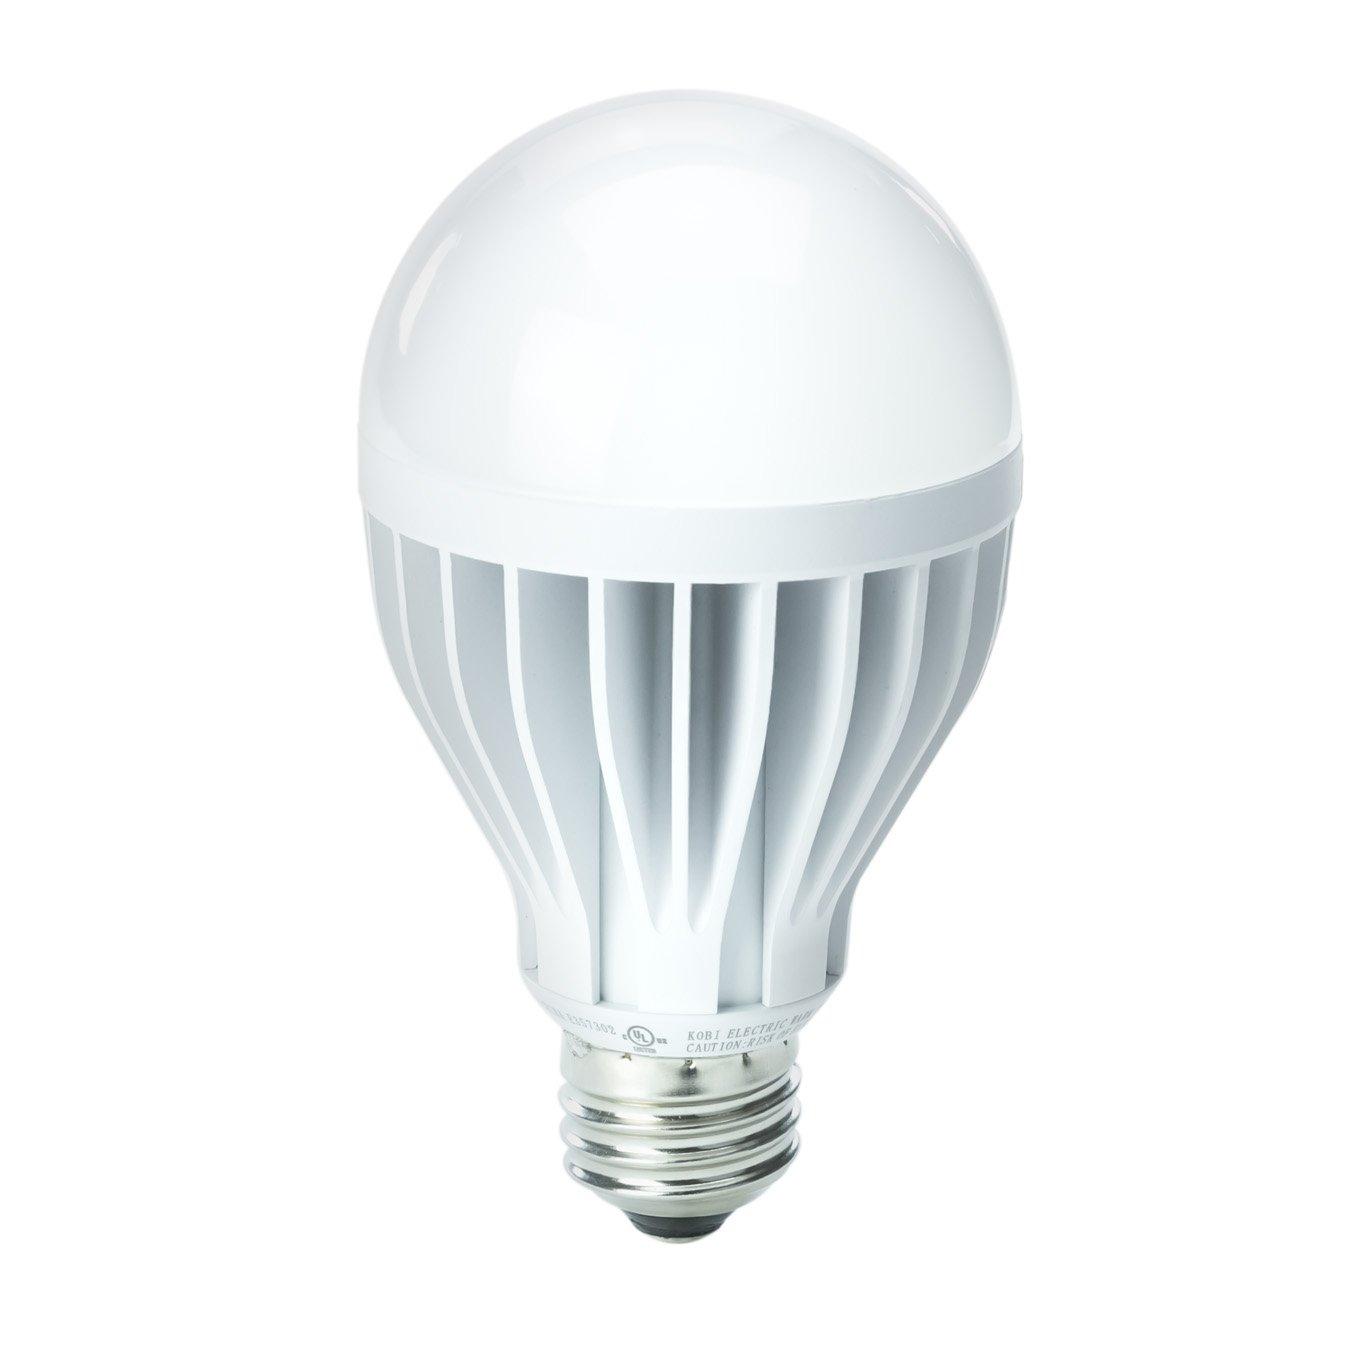 20w Led Bulb A19: KOBI ELECTRIC K2L3 19-watt (100-Watt) A21 LED 5000K COOL